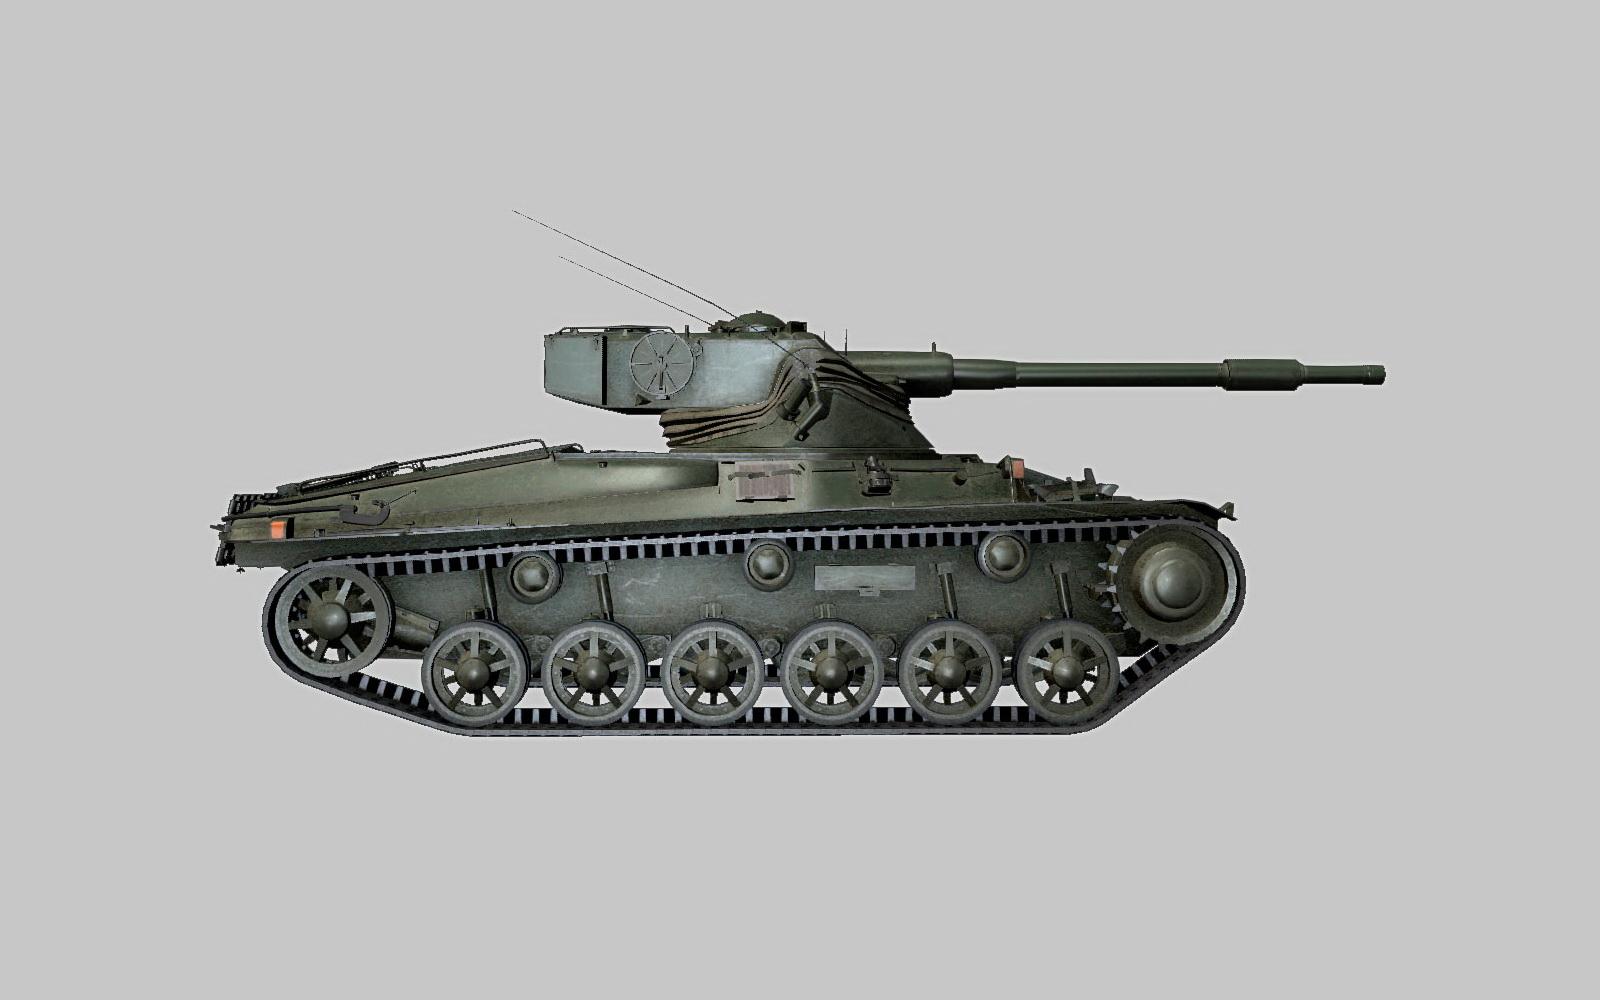 Шведский новичок - танк Strv m/42-57 Alt A.2